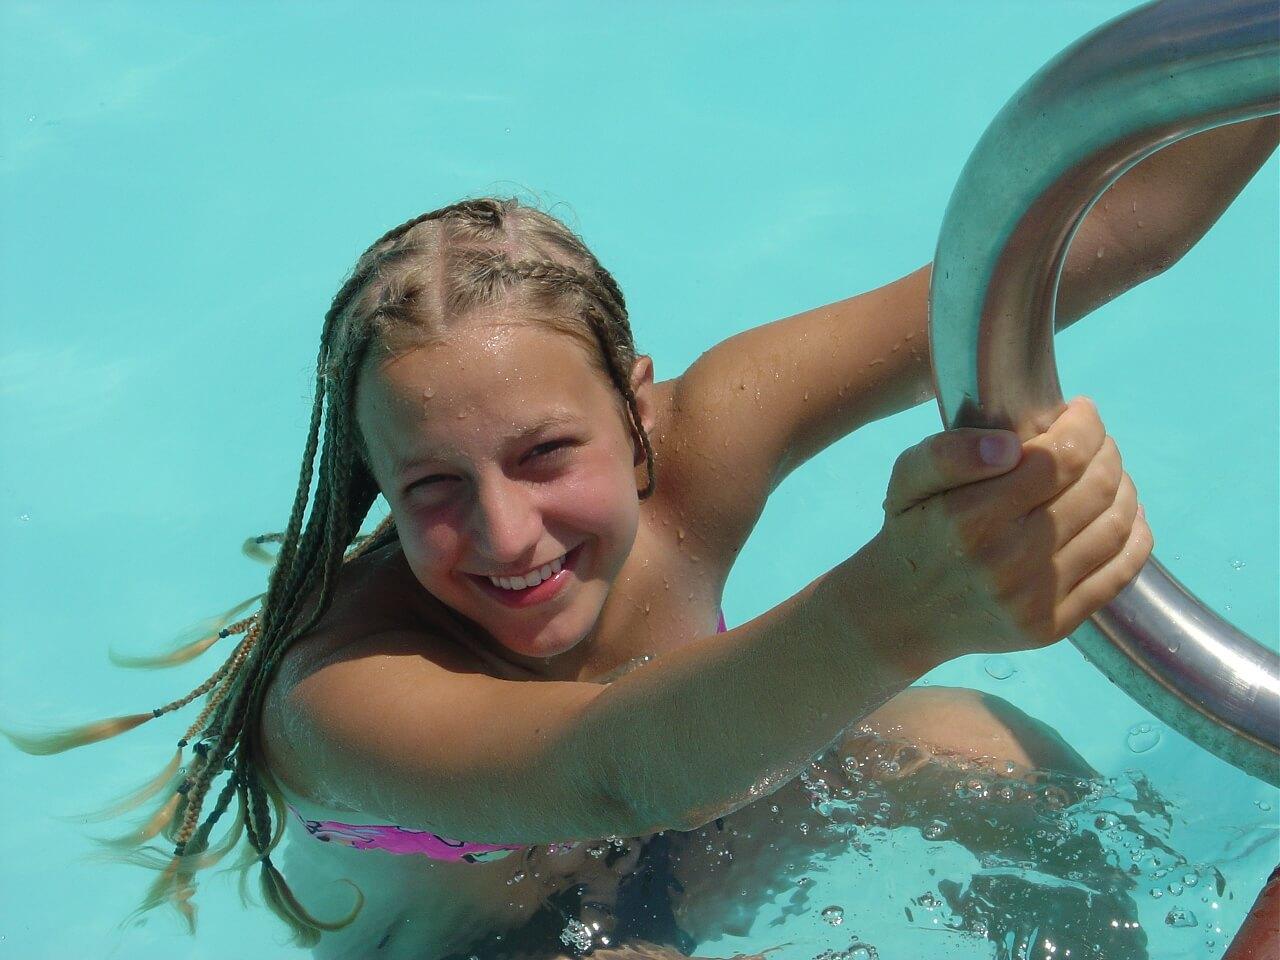 プールから上がる少女